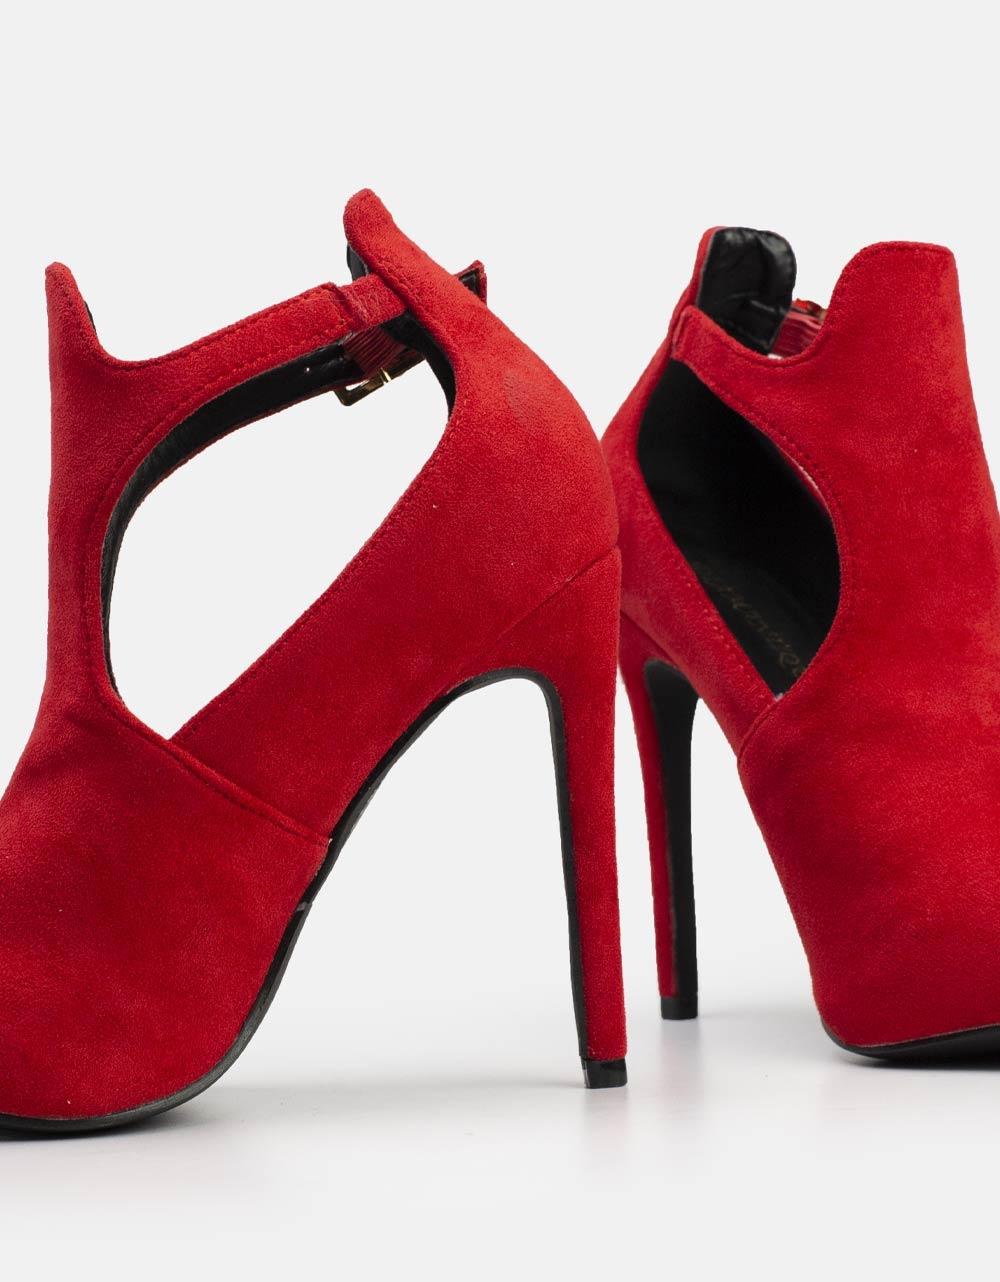 Εικόνα από Γυναικεία ημιμποτάκια suede με πλαϊνό άνοιγμα και λεπτό τακούνι Κόκκινο